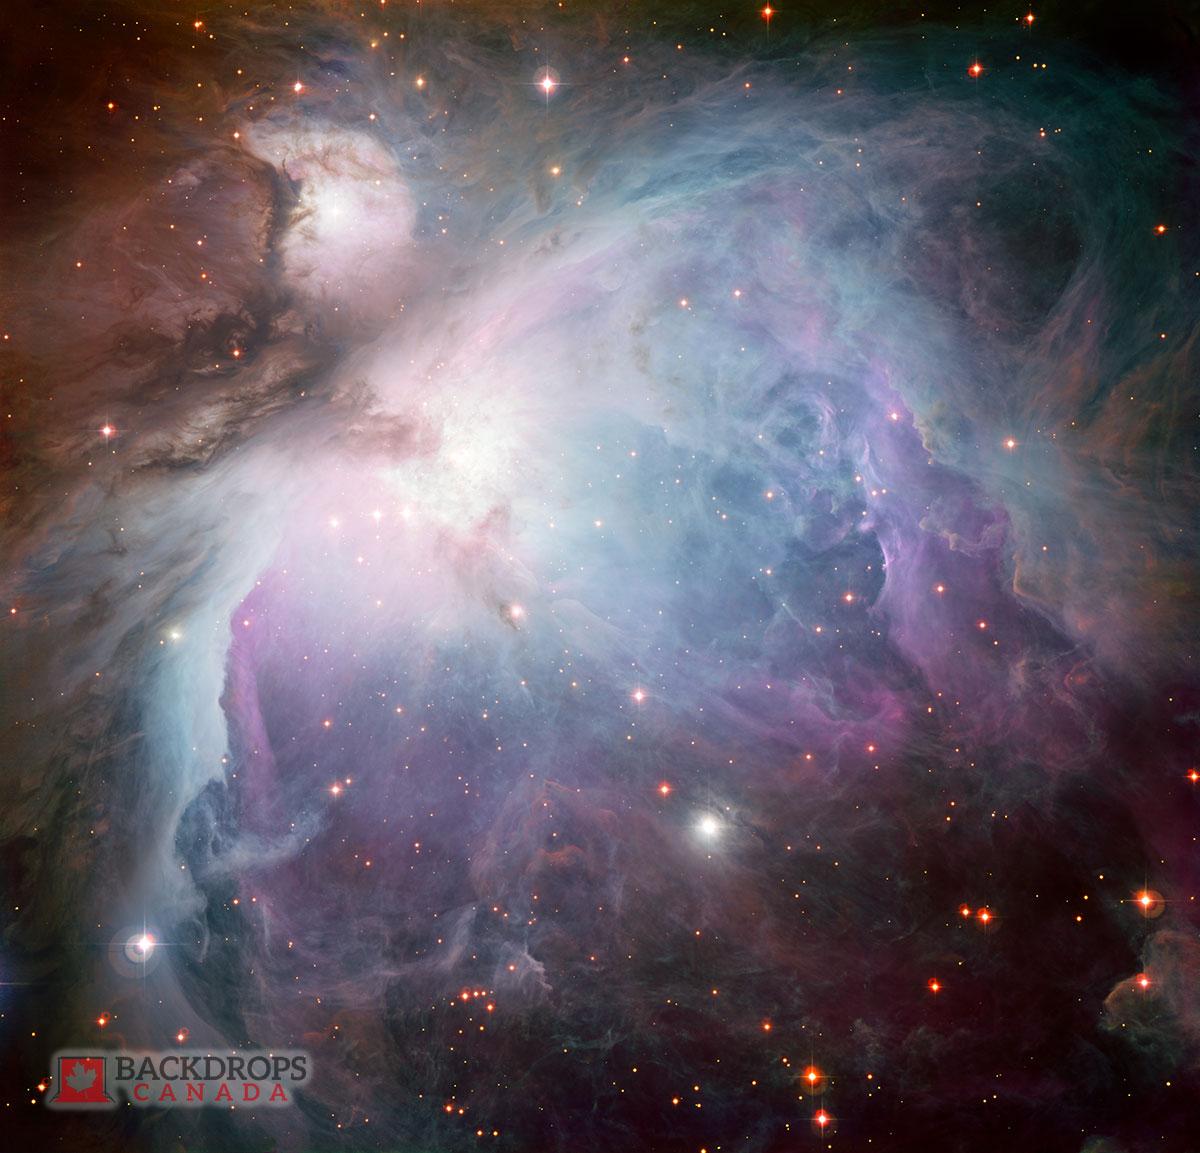 Orion Nebula Space Photography Backdrop